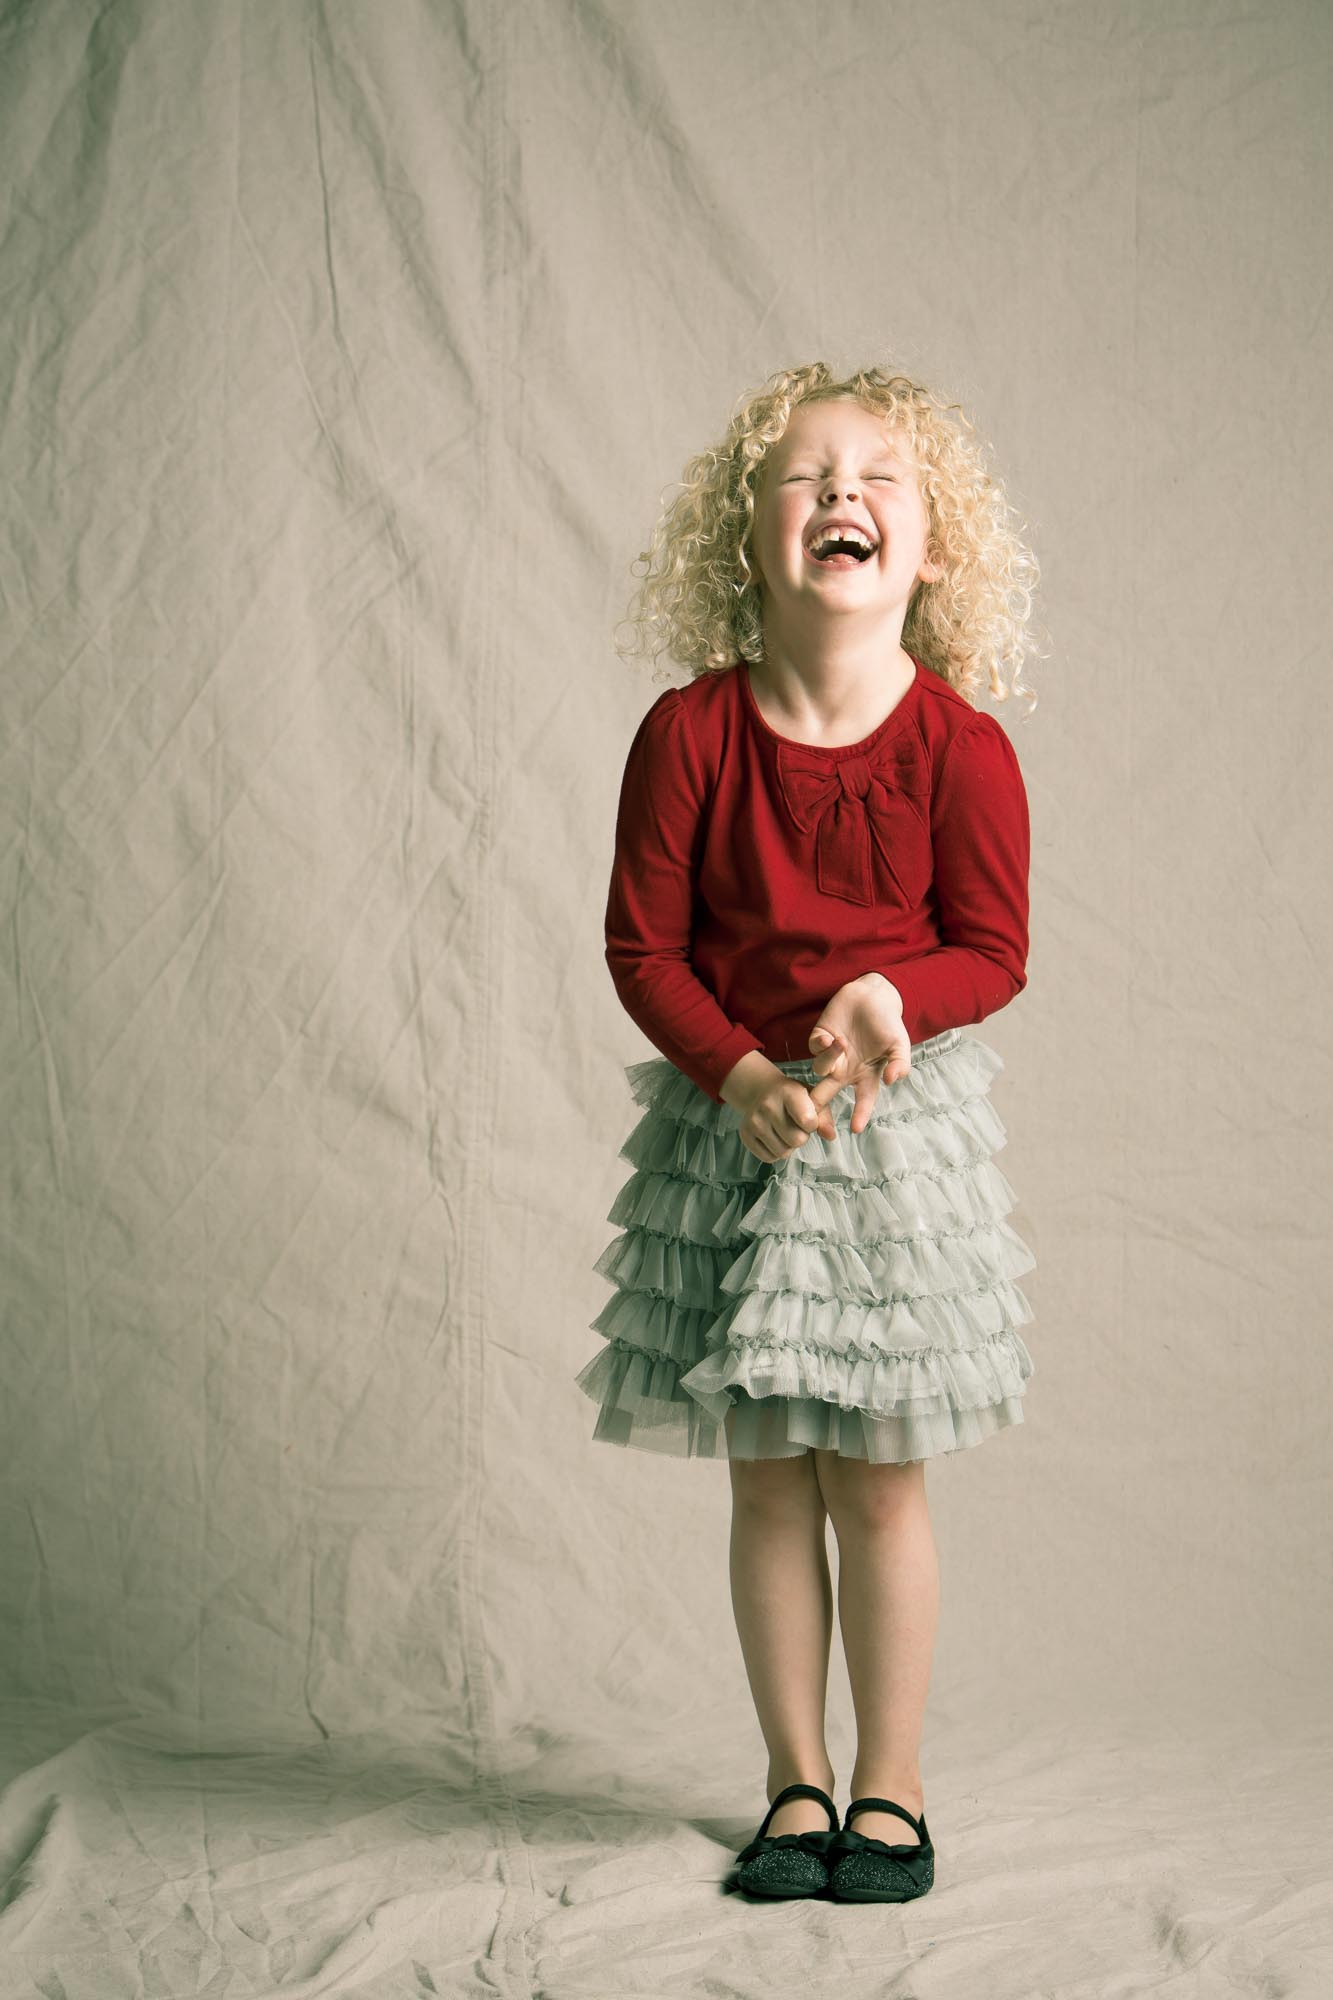 Expressive Portraits of Children